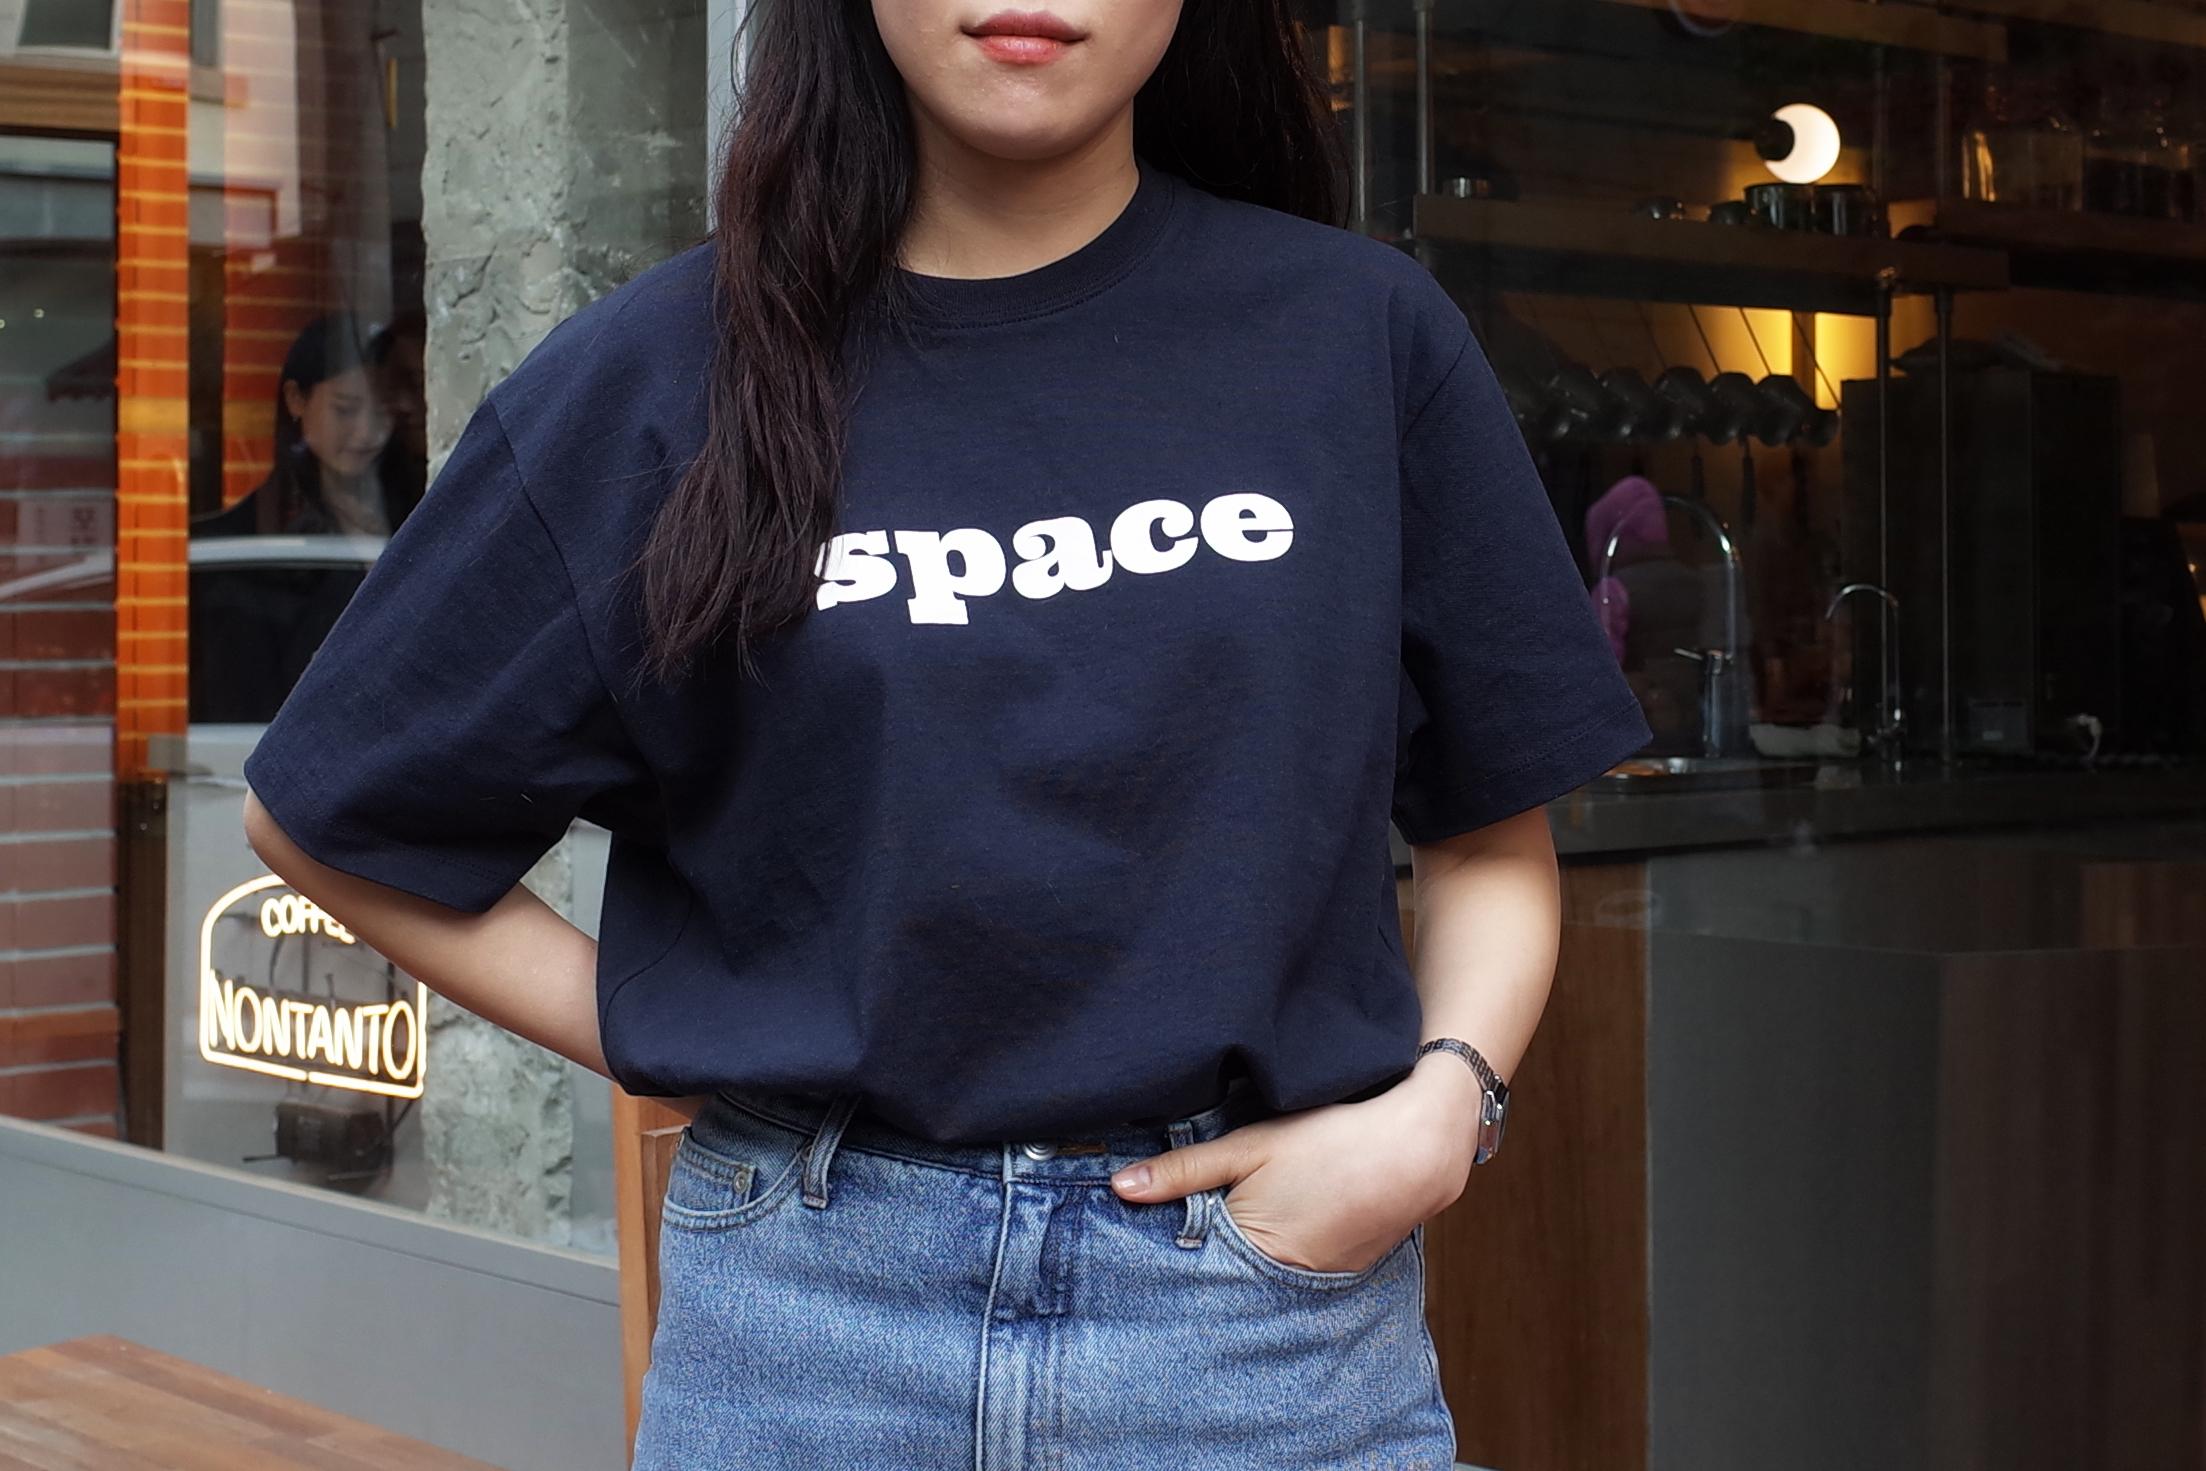 앞면엔 space